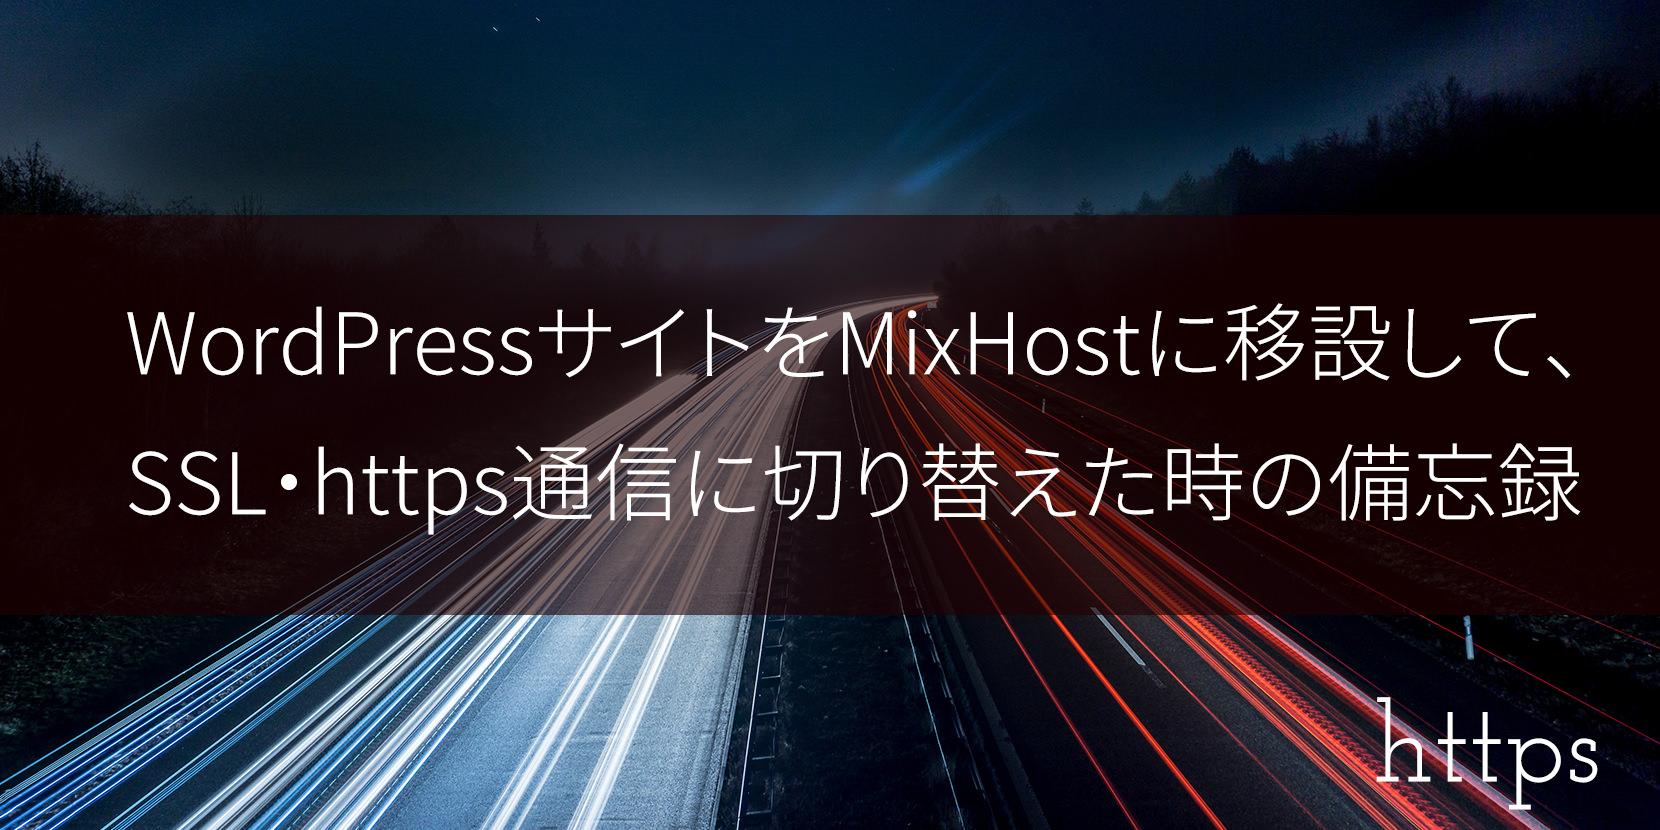 WordPressサイトをMixHostに移設して、SSL・https通信に切り替えた時の備忘録